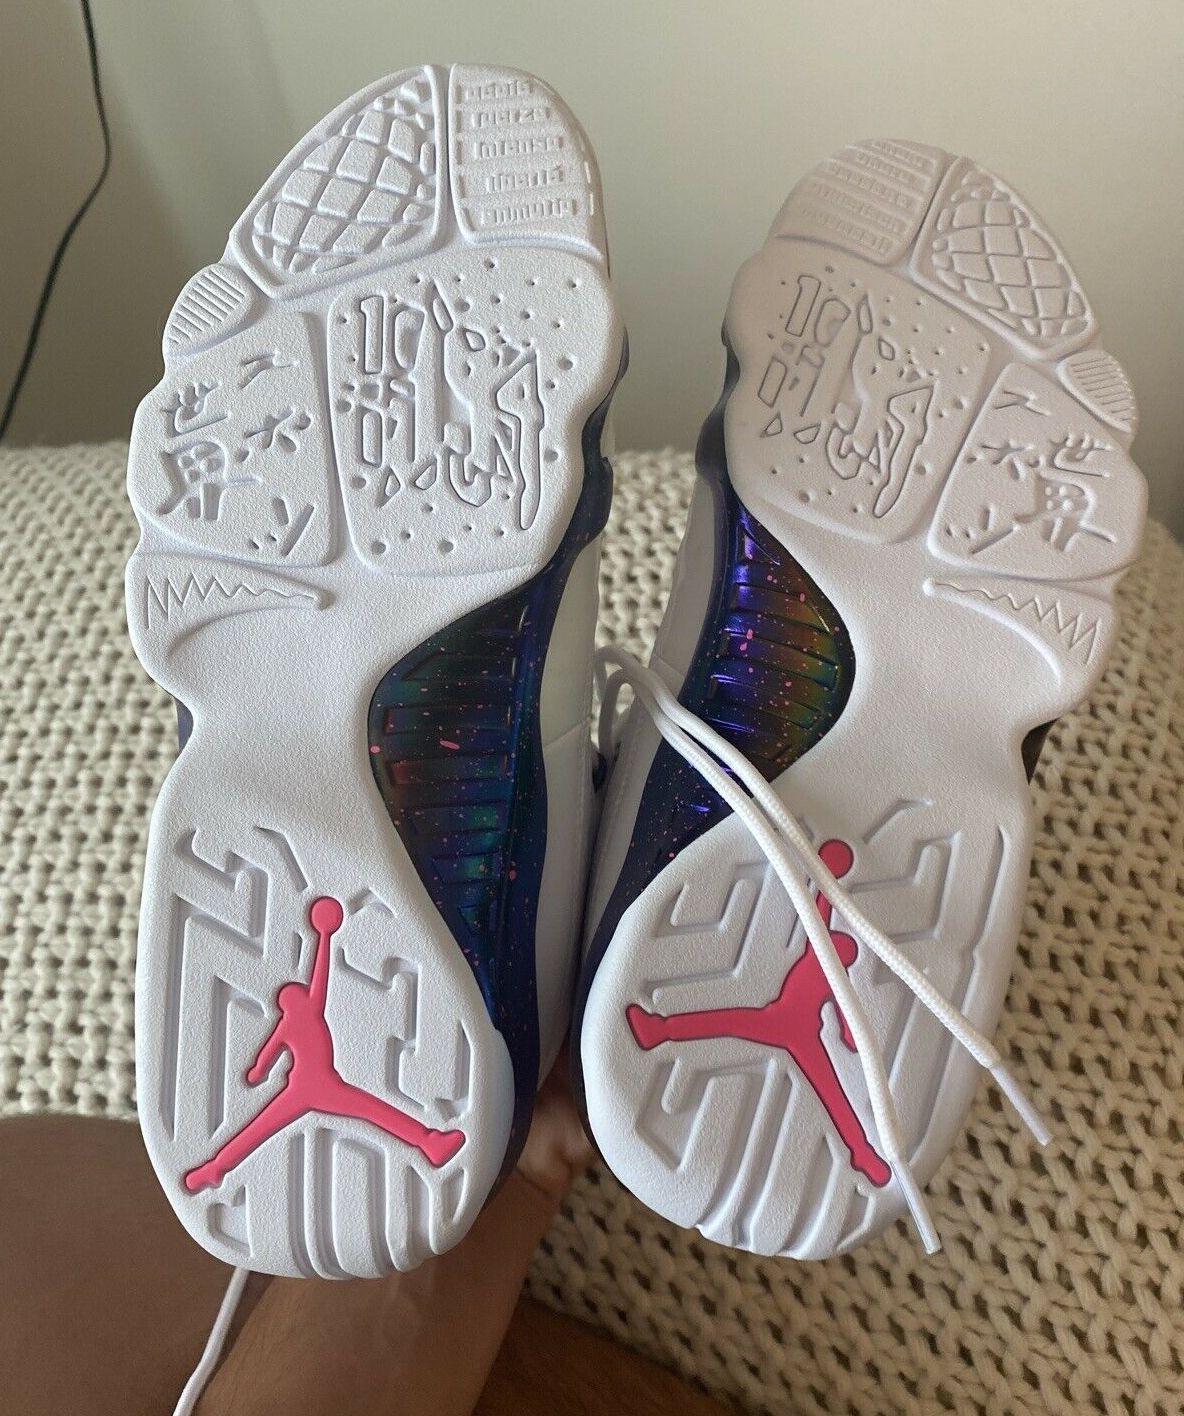 Air Jordan 9 Jordan Brand Classic Promo Sample Release Date Info